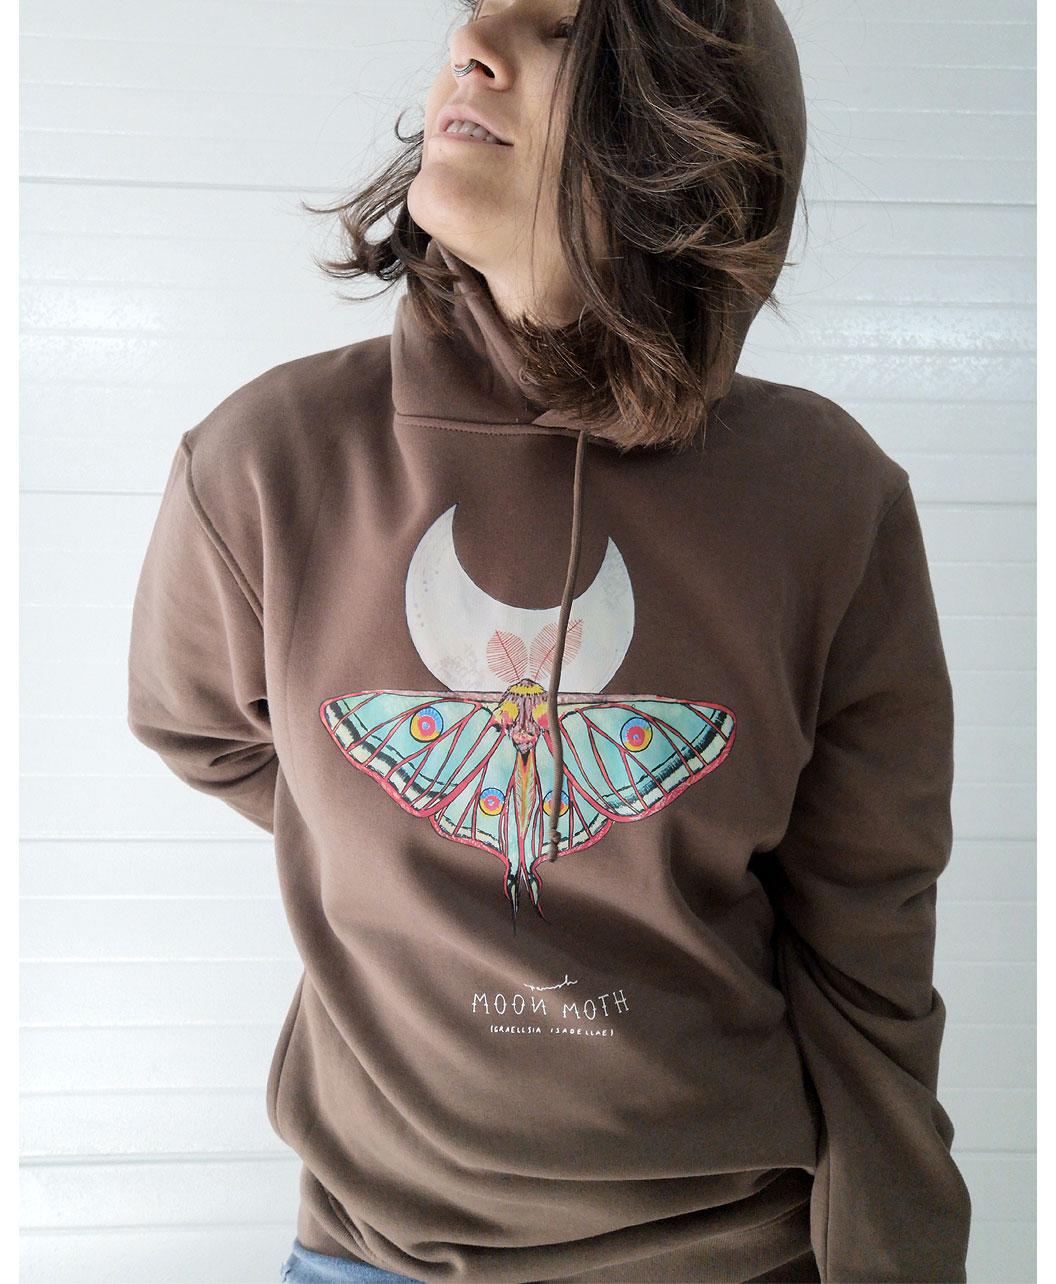 sudadera capucha bolsillos algodon organico unisex color moka estilo alternativo mariposa polilla luna espanola